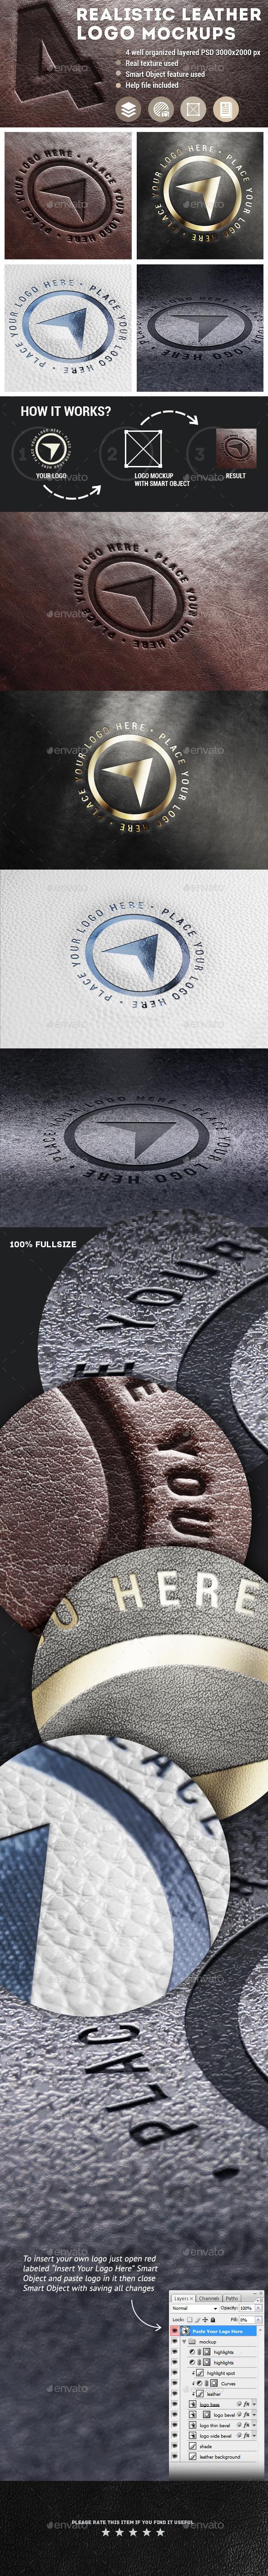 4 Realistic Leather Logo Mockups - Logo Product Mock-Ups